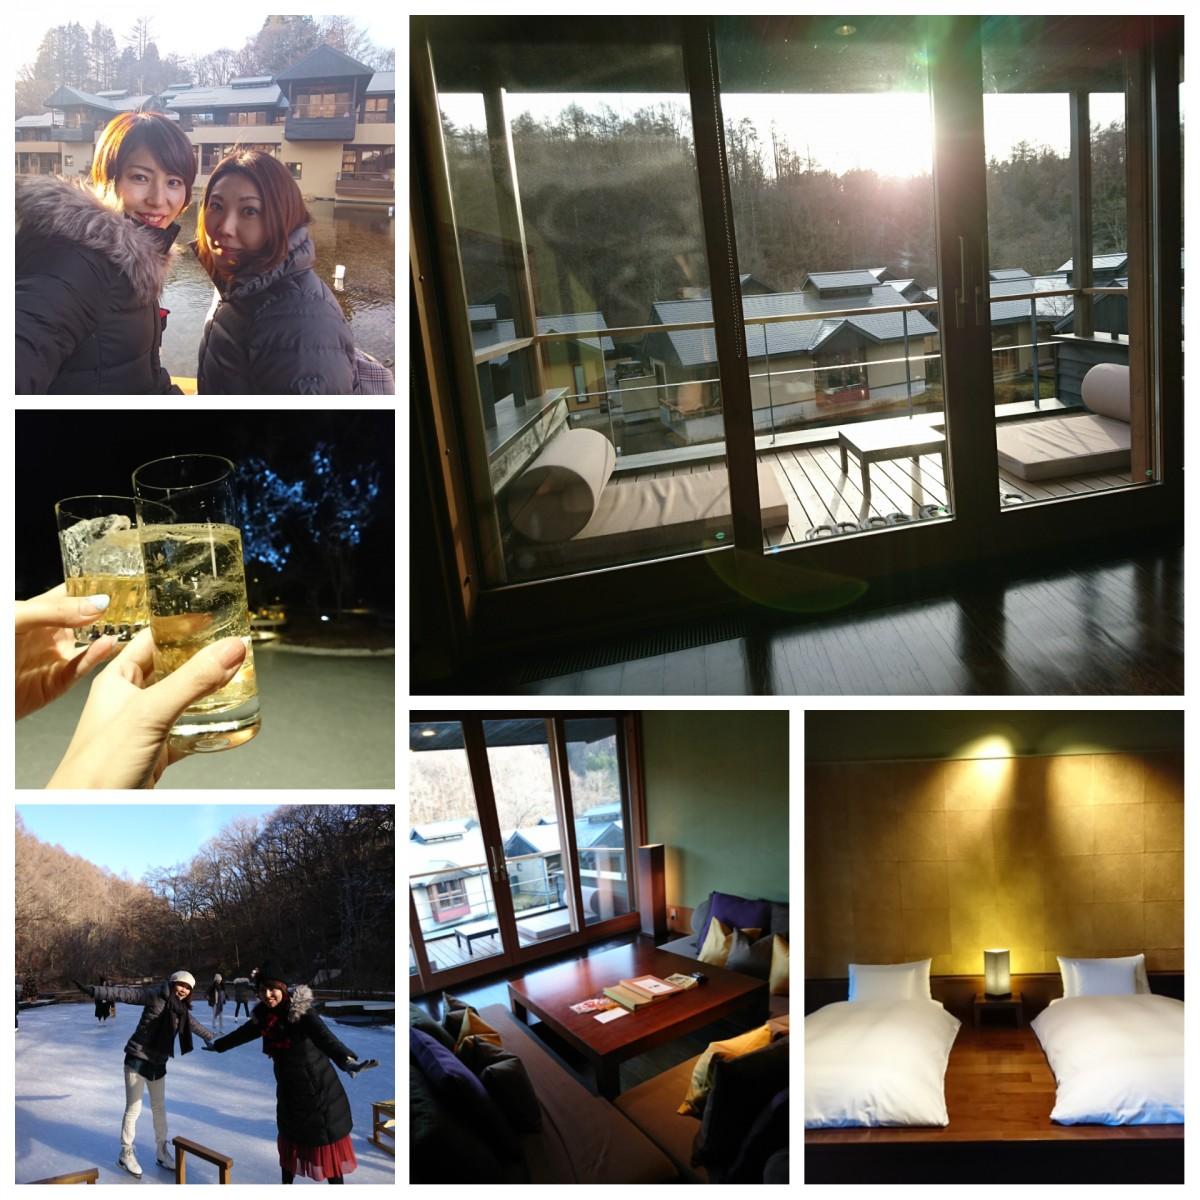 星のや軽井沢に宿泊♪軽井沢星野エリアを堪能する冬旅【前編】